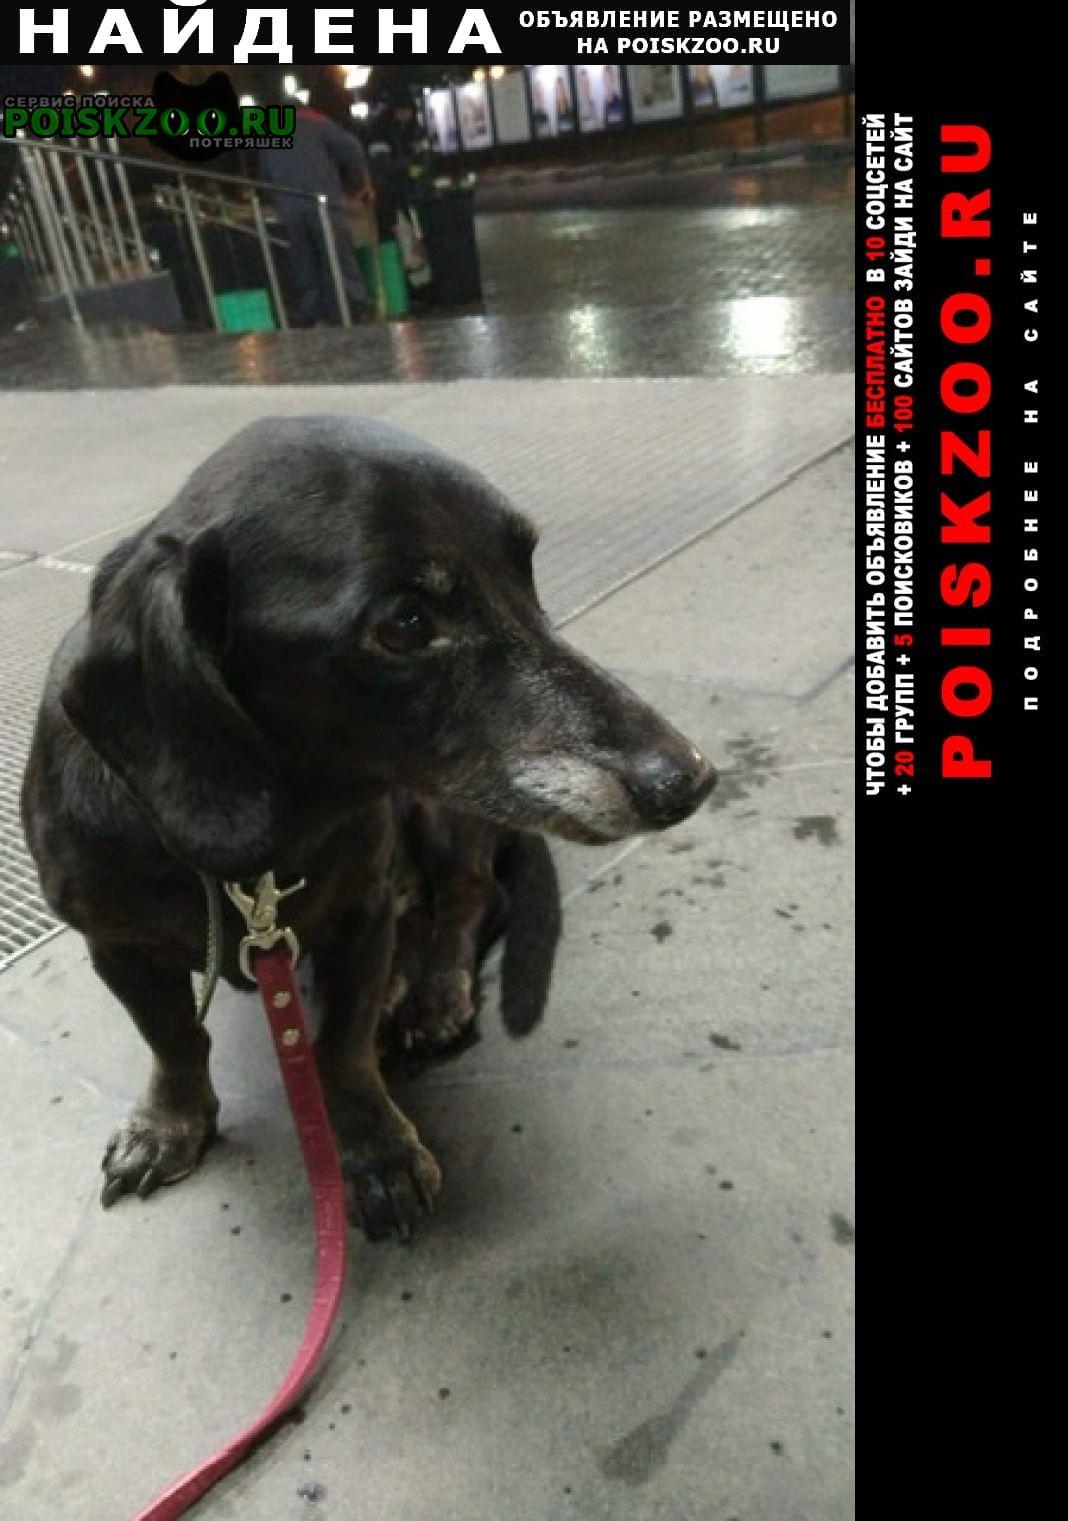 Найдена собака кобель такса Электросталь